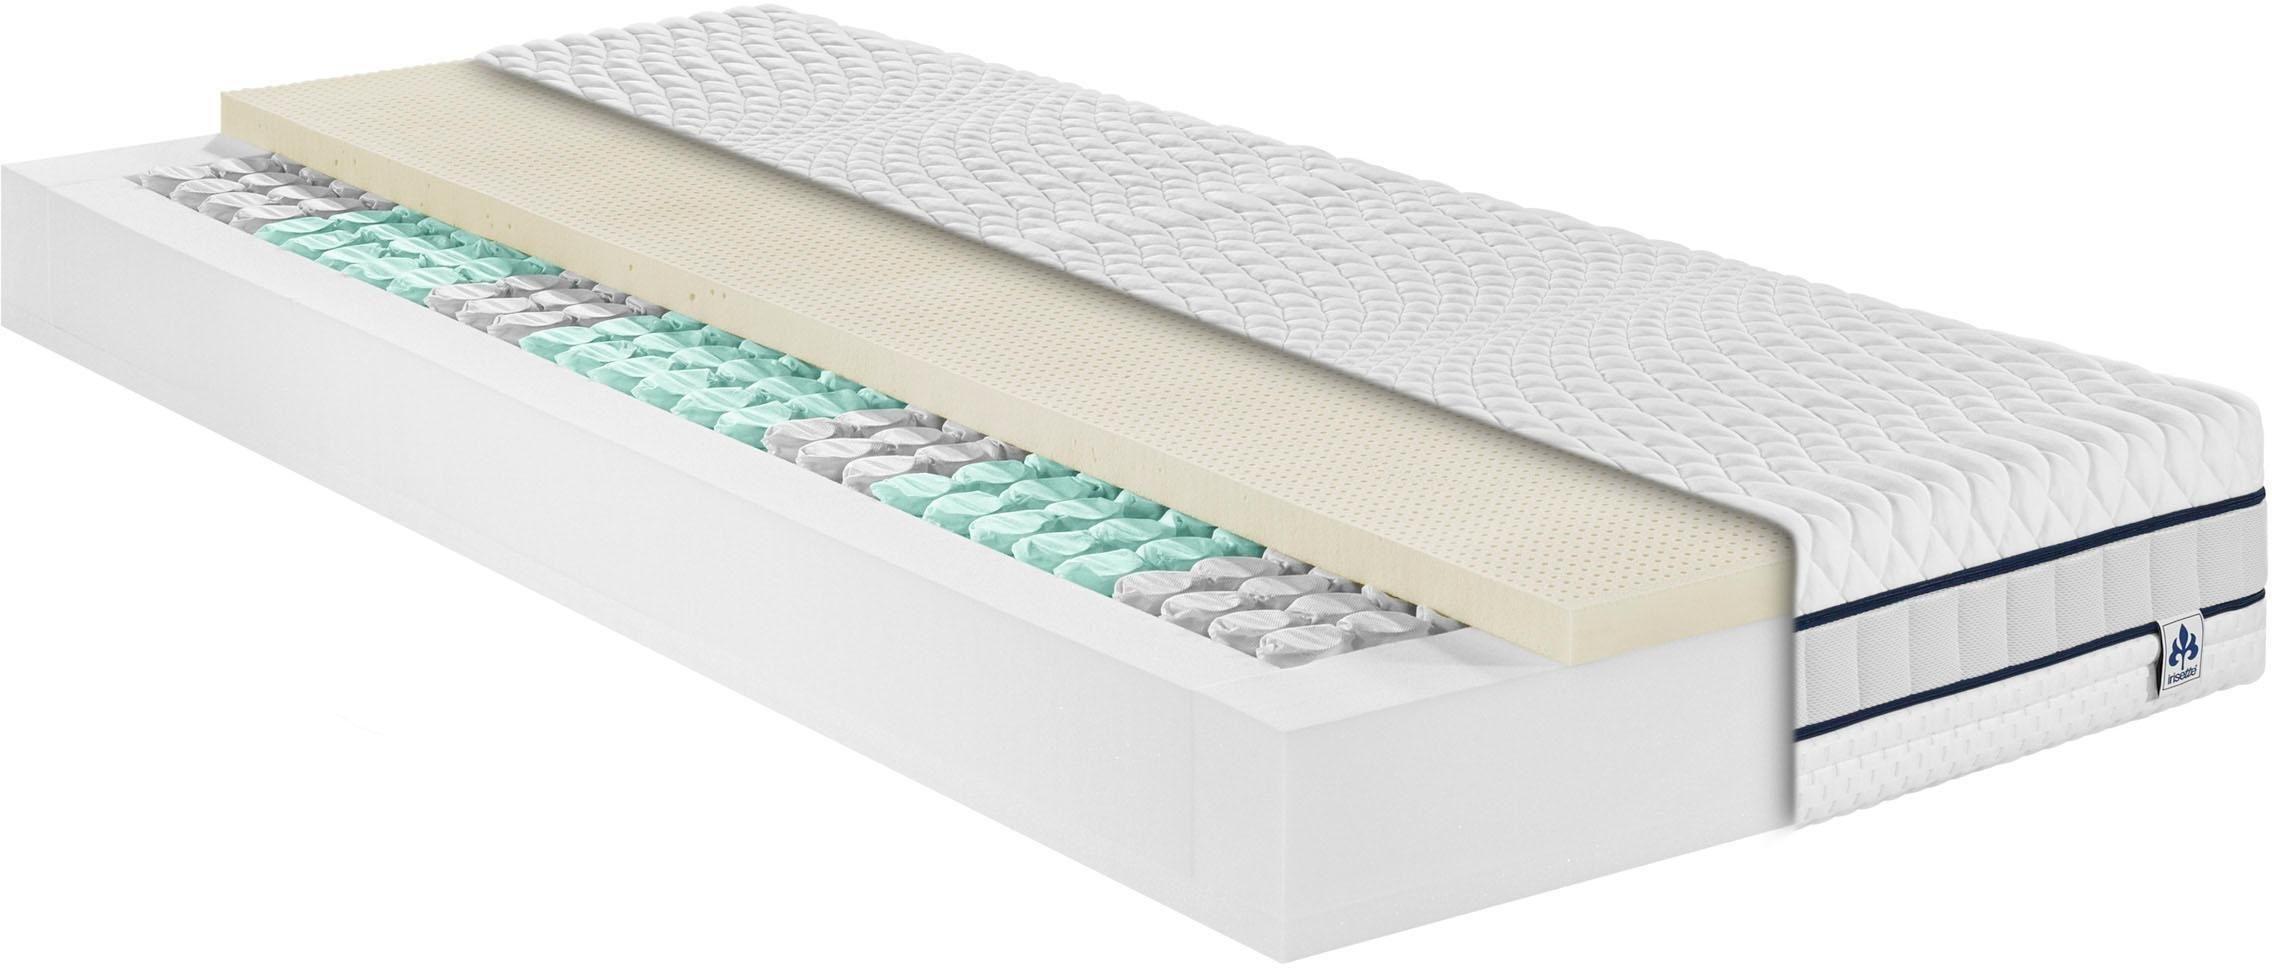 Matratze 80 X 120 Kaufen H3 Matratzen Hartegrad Matratze 100 X 200 Cm Matratzen 100 X 200 Matratze 90x200 Taschenfederkernmatratze Matratze Elastisch